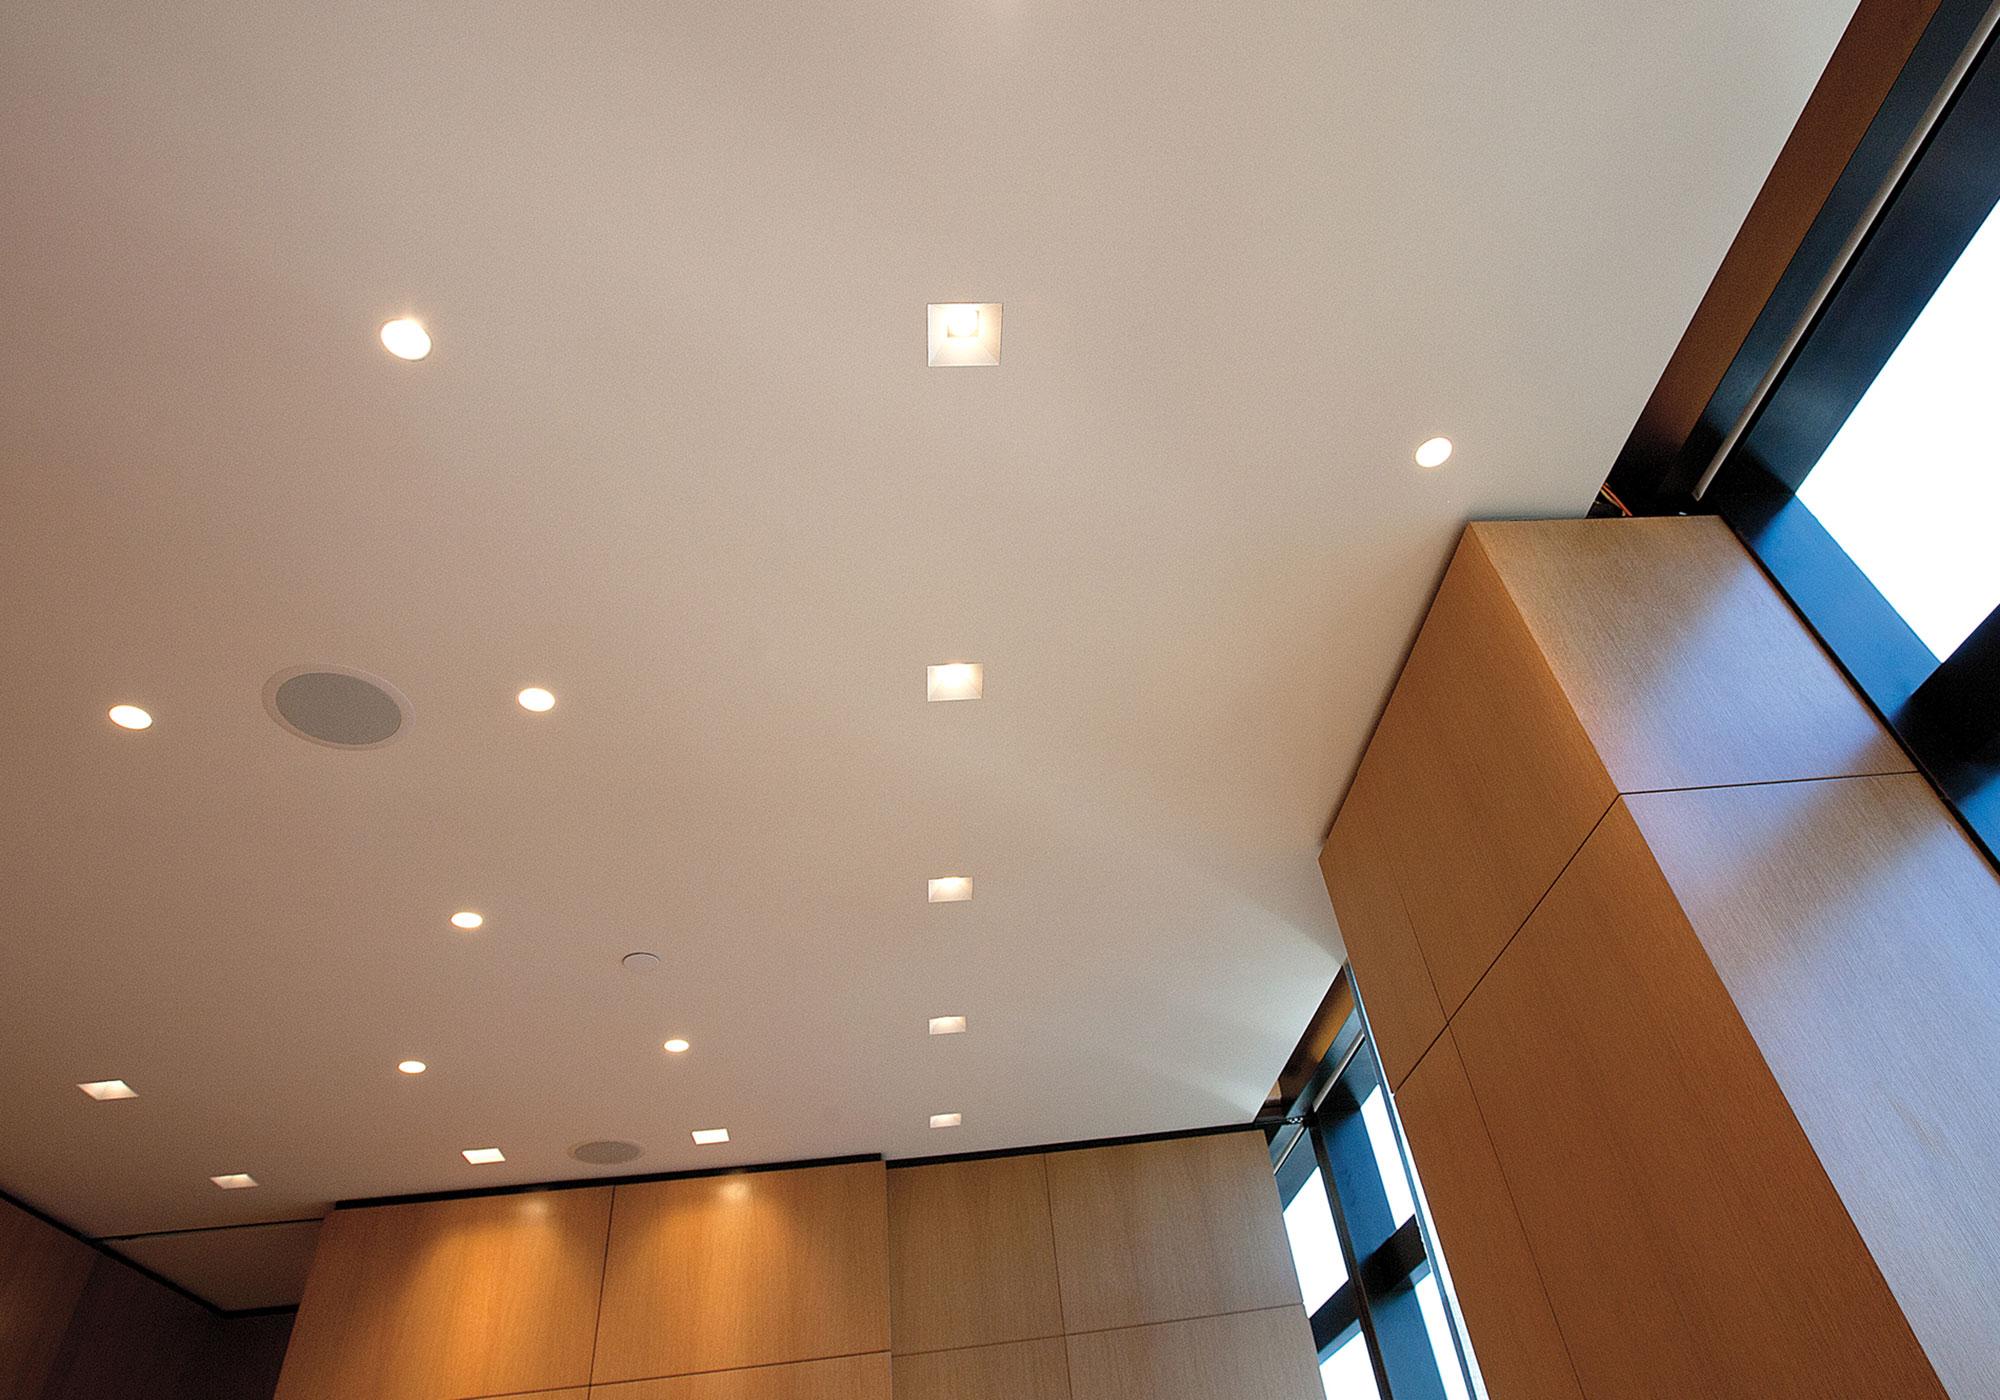 lighting, in-ceiling speakers